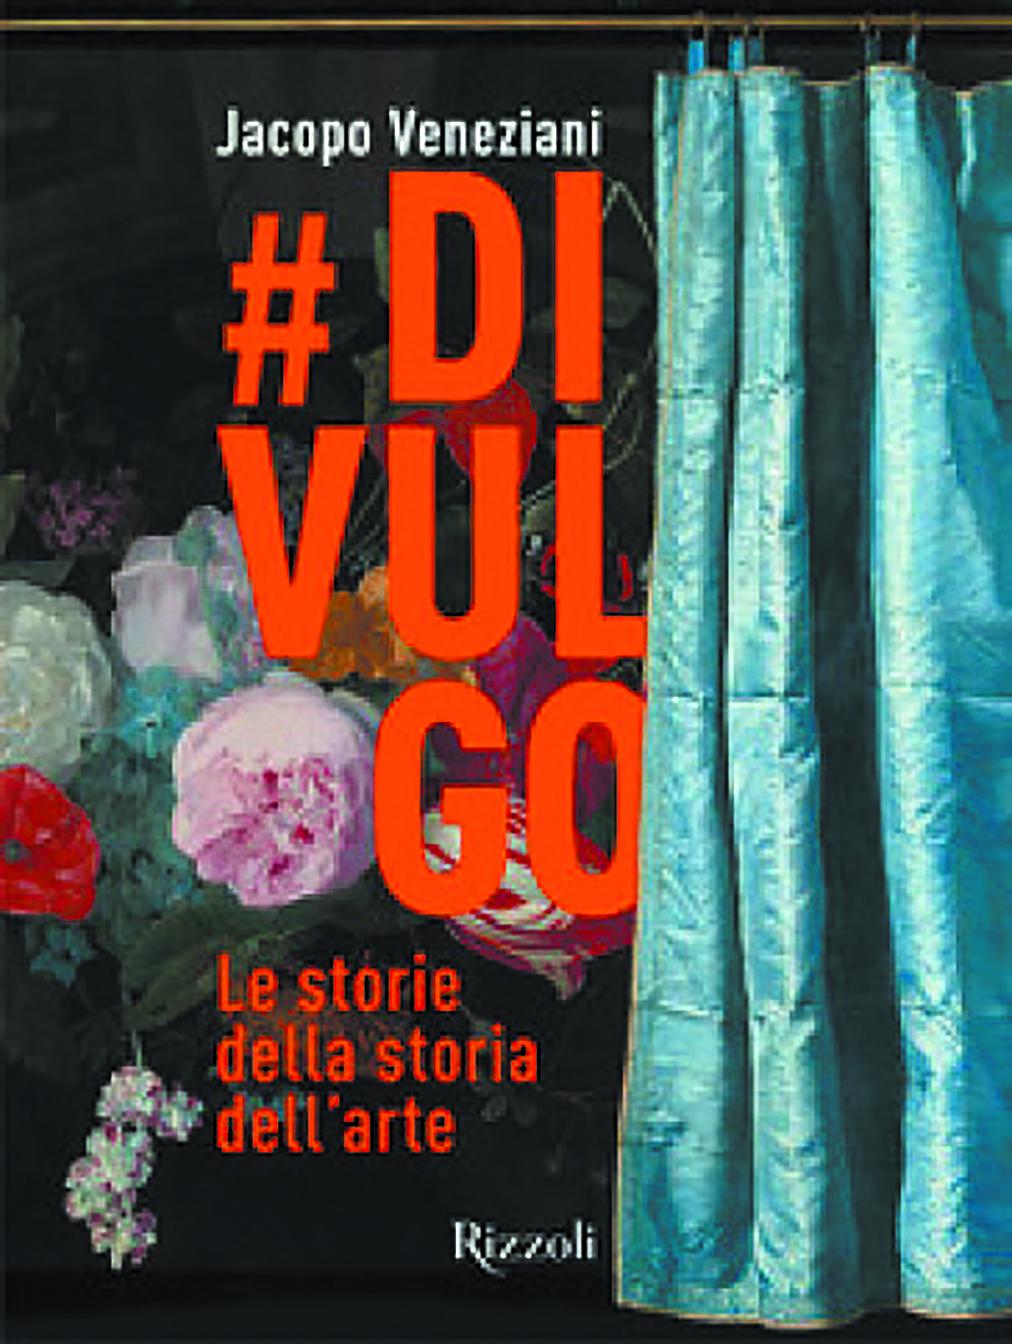 Alla scoperta dell'arte con Jacopo Veneziani, questa sera a Carmagnola